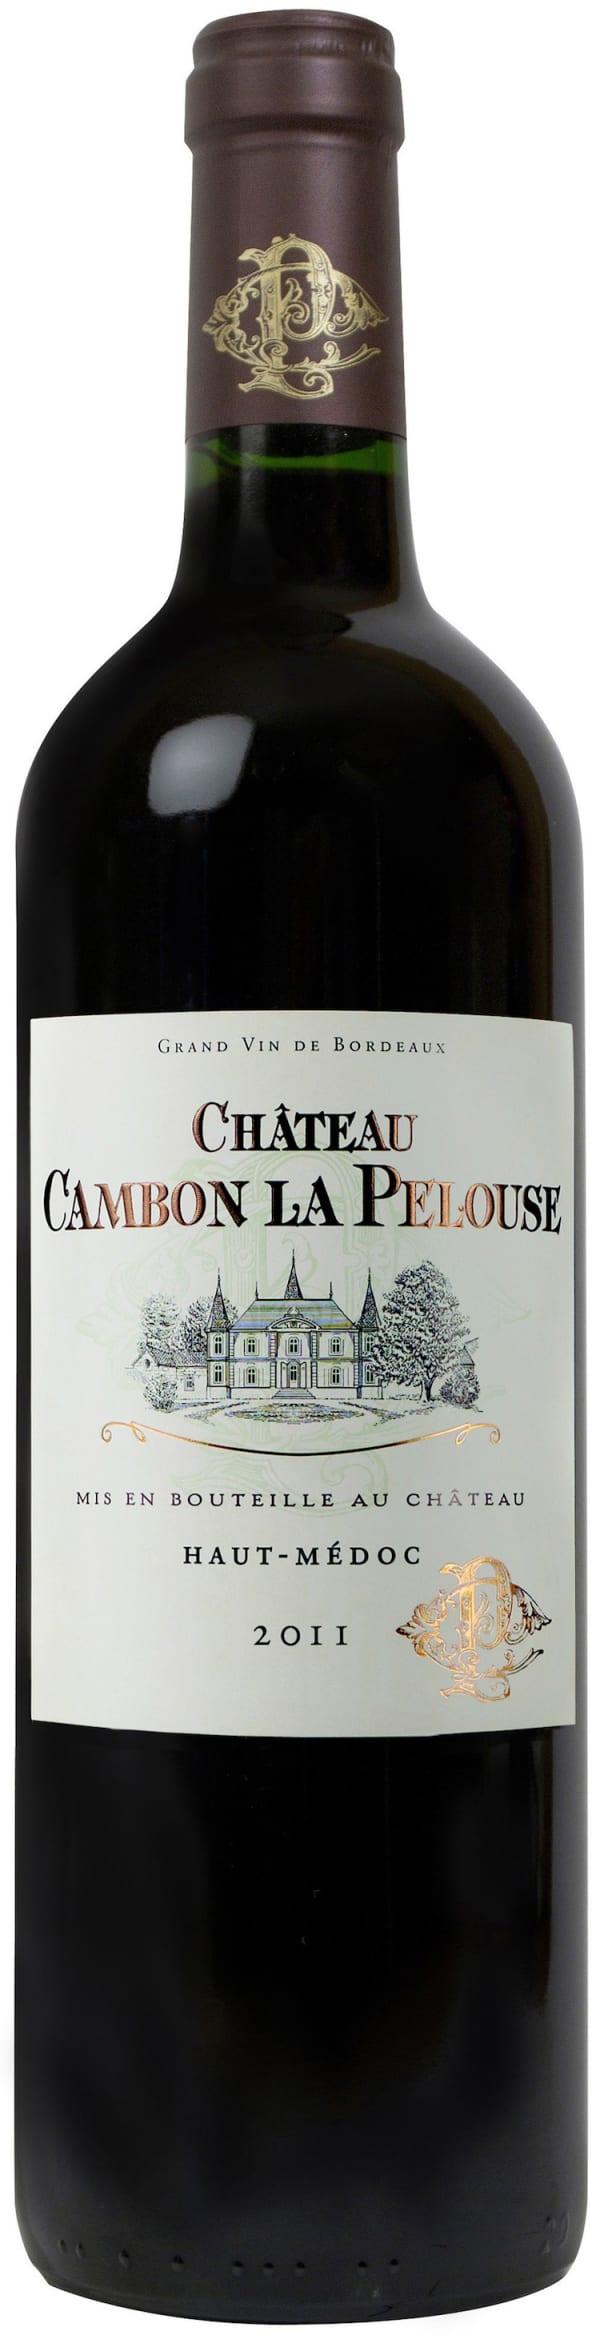 Château Cambon La Pelouse 2011